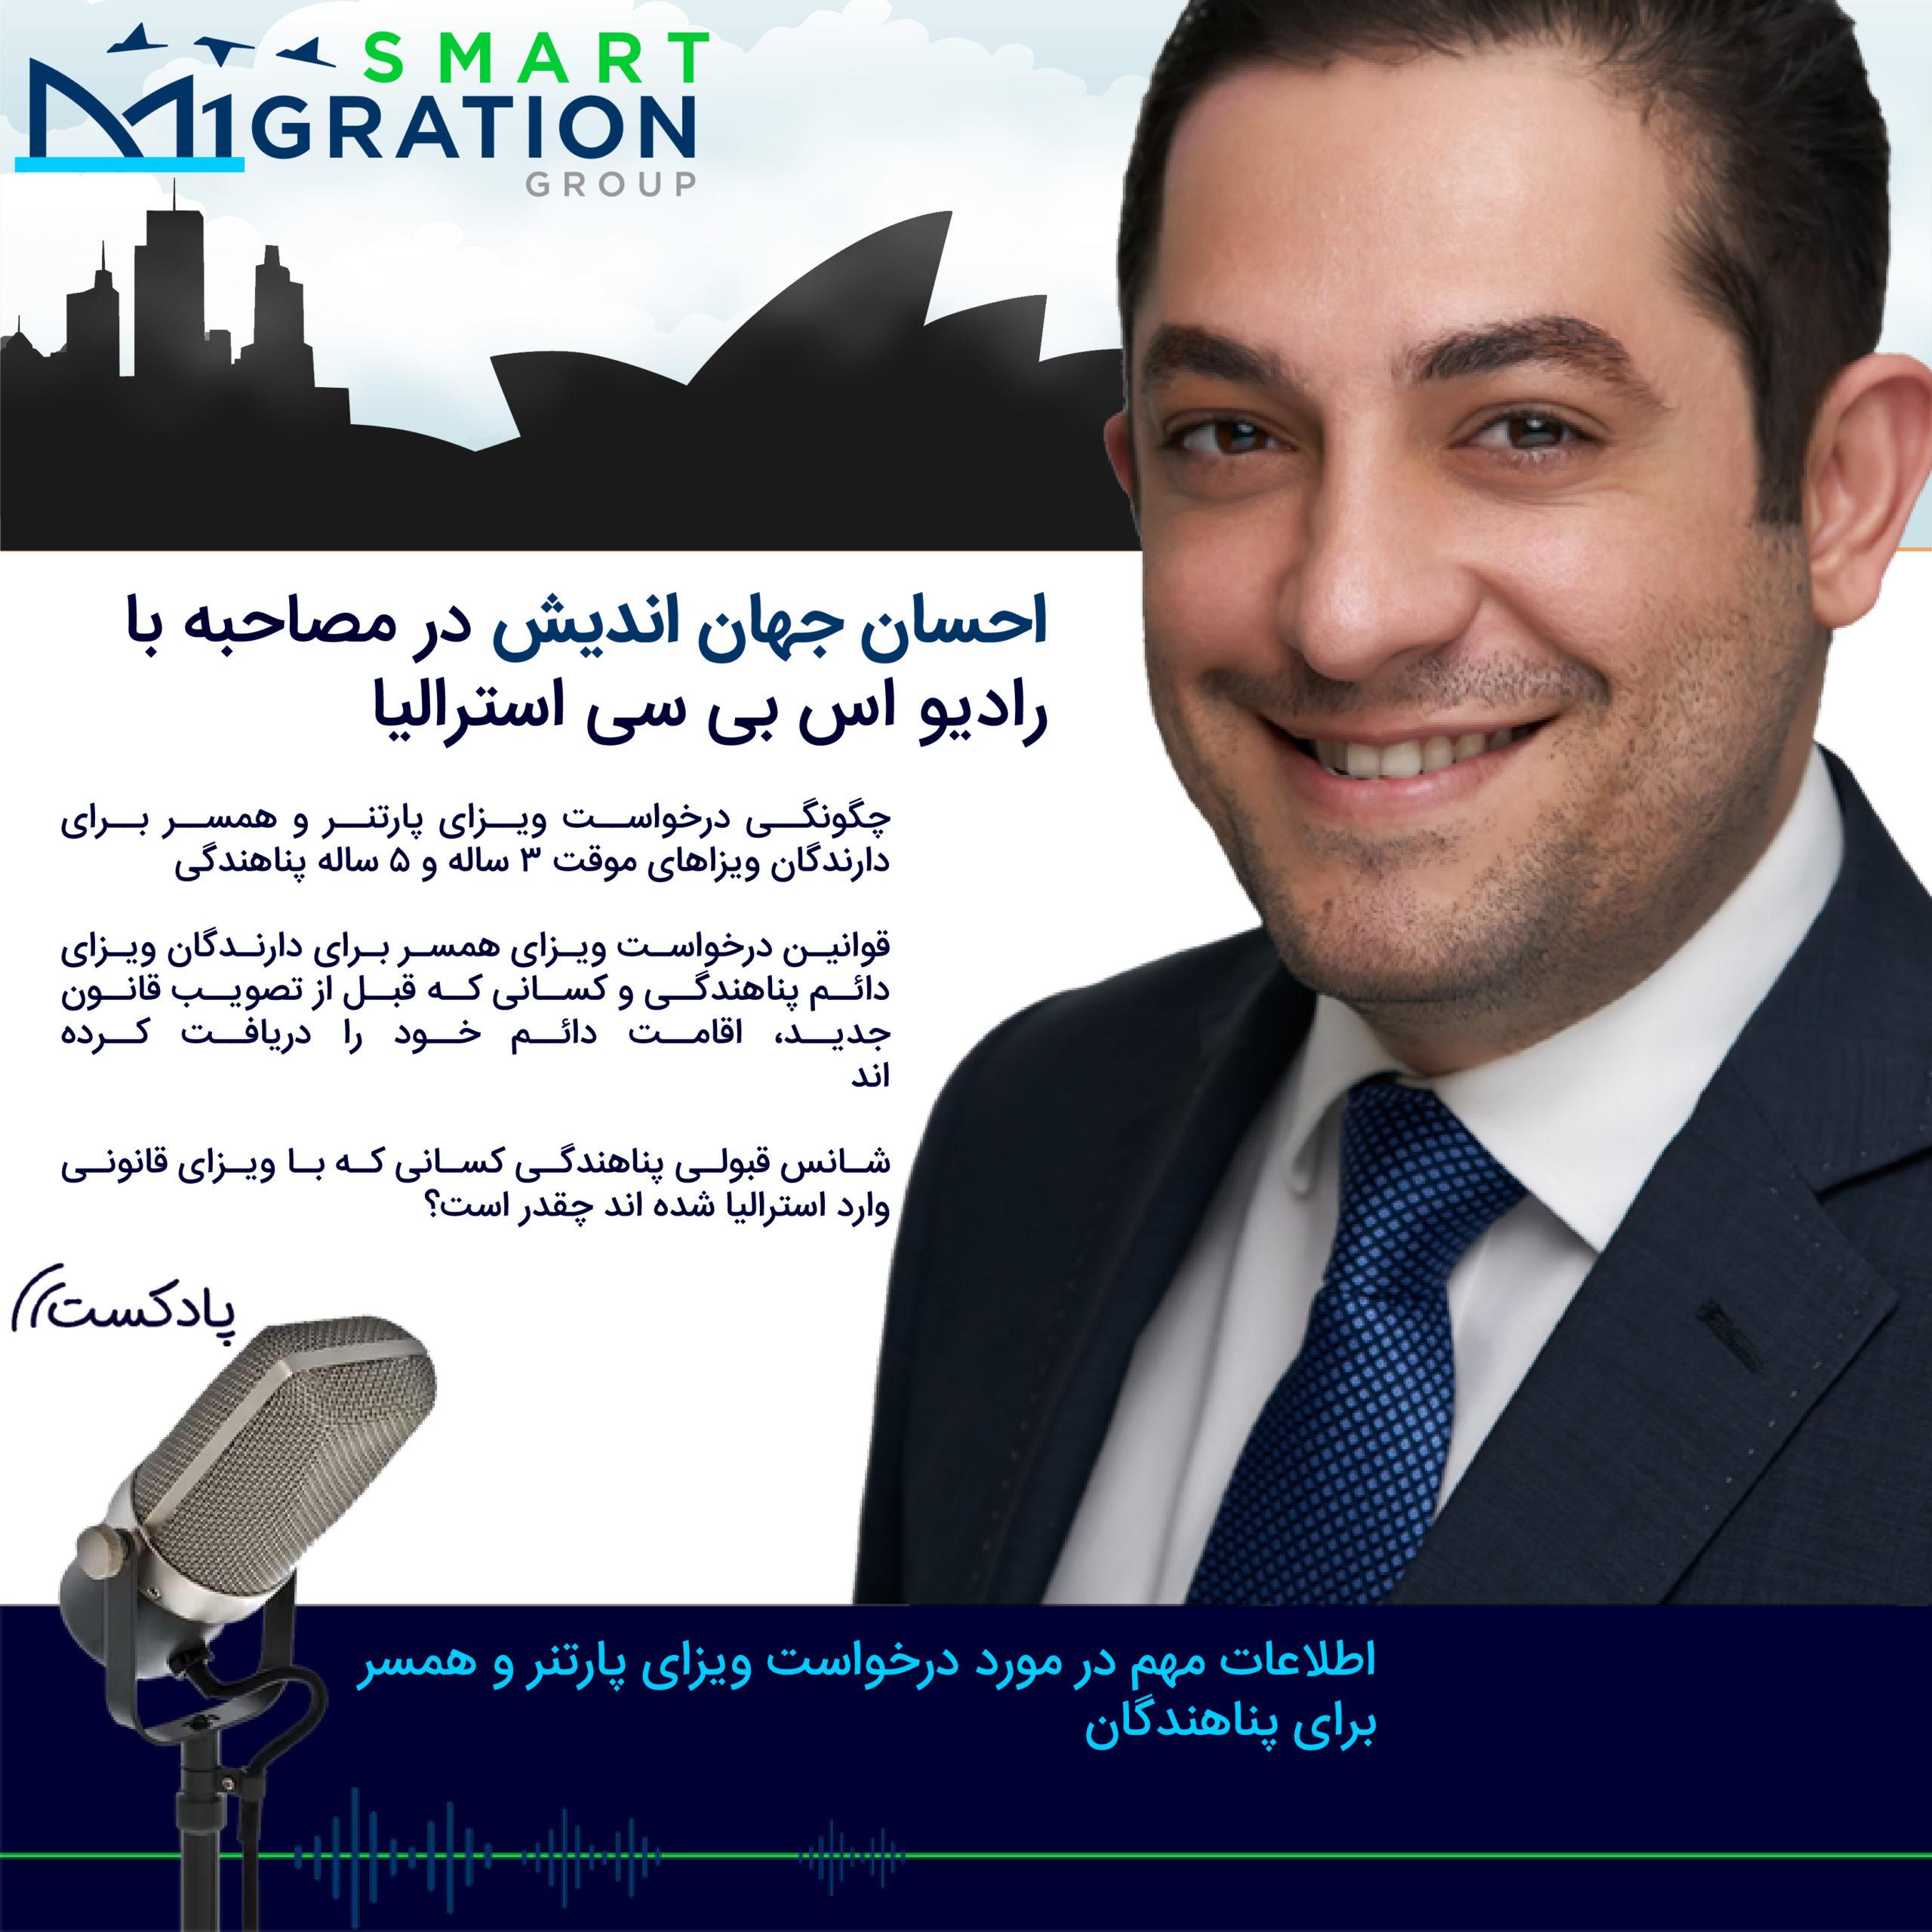 پادکست اطلاعات مهم در مورد درخواست ویزای پارتنر و همسر برای پناهندگان